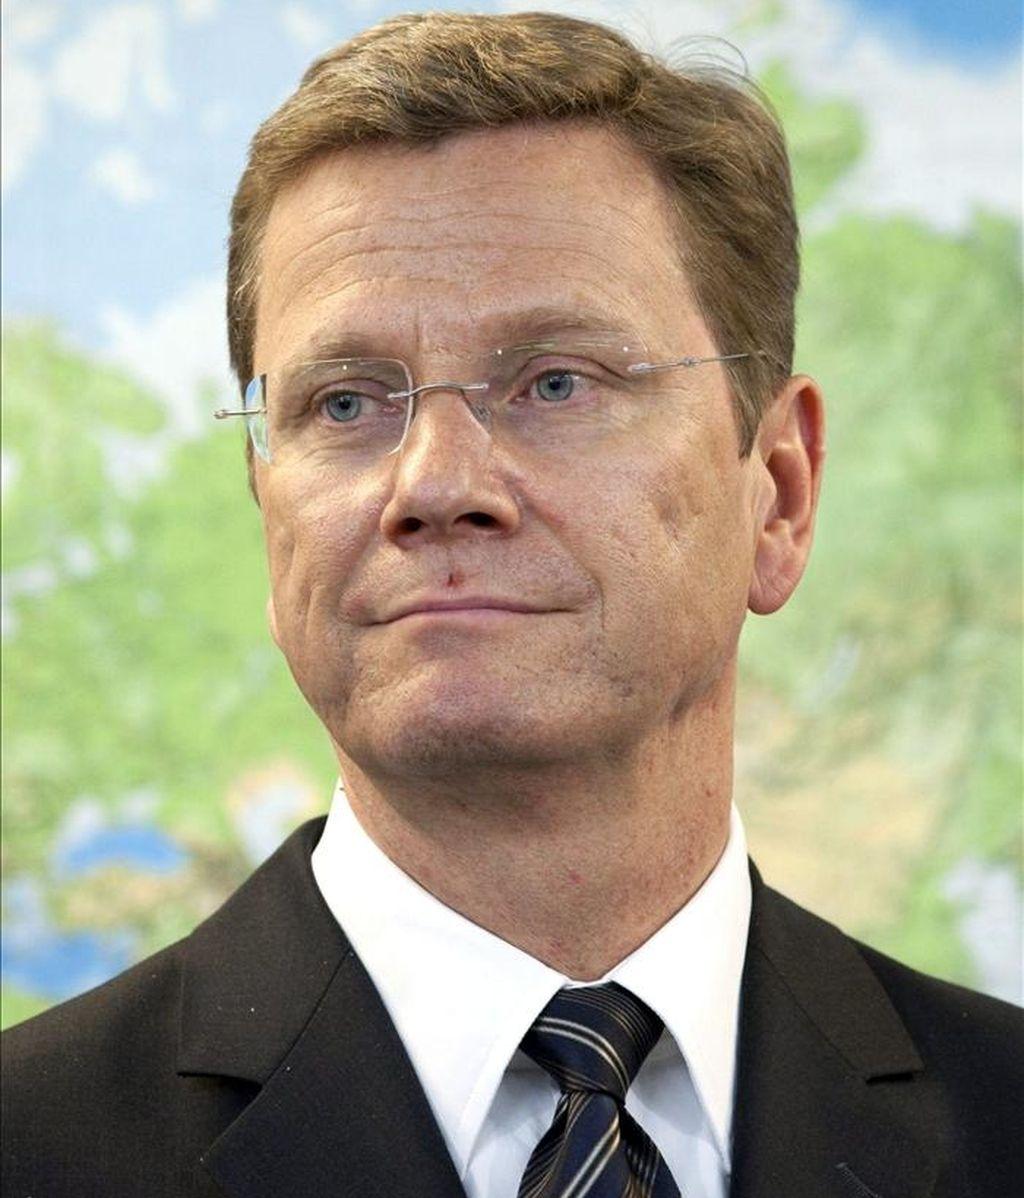 Imagen en la que se ve al ministro alemán de Asuntos Exteriores, Guido Westerwelle, en Tokio, Japón. EFE/Archivo